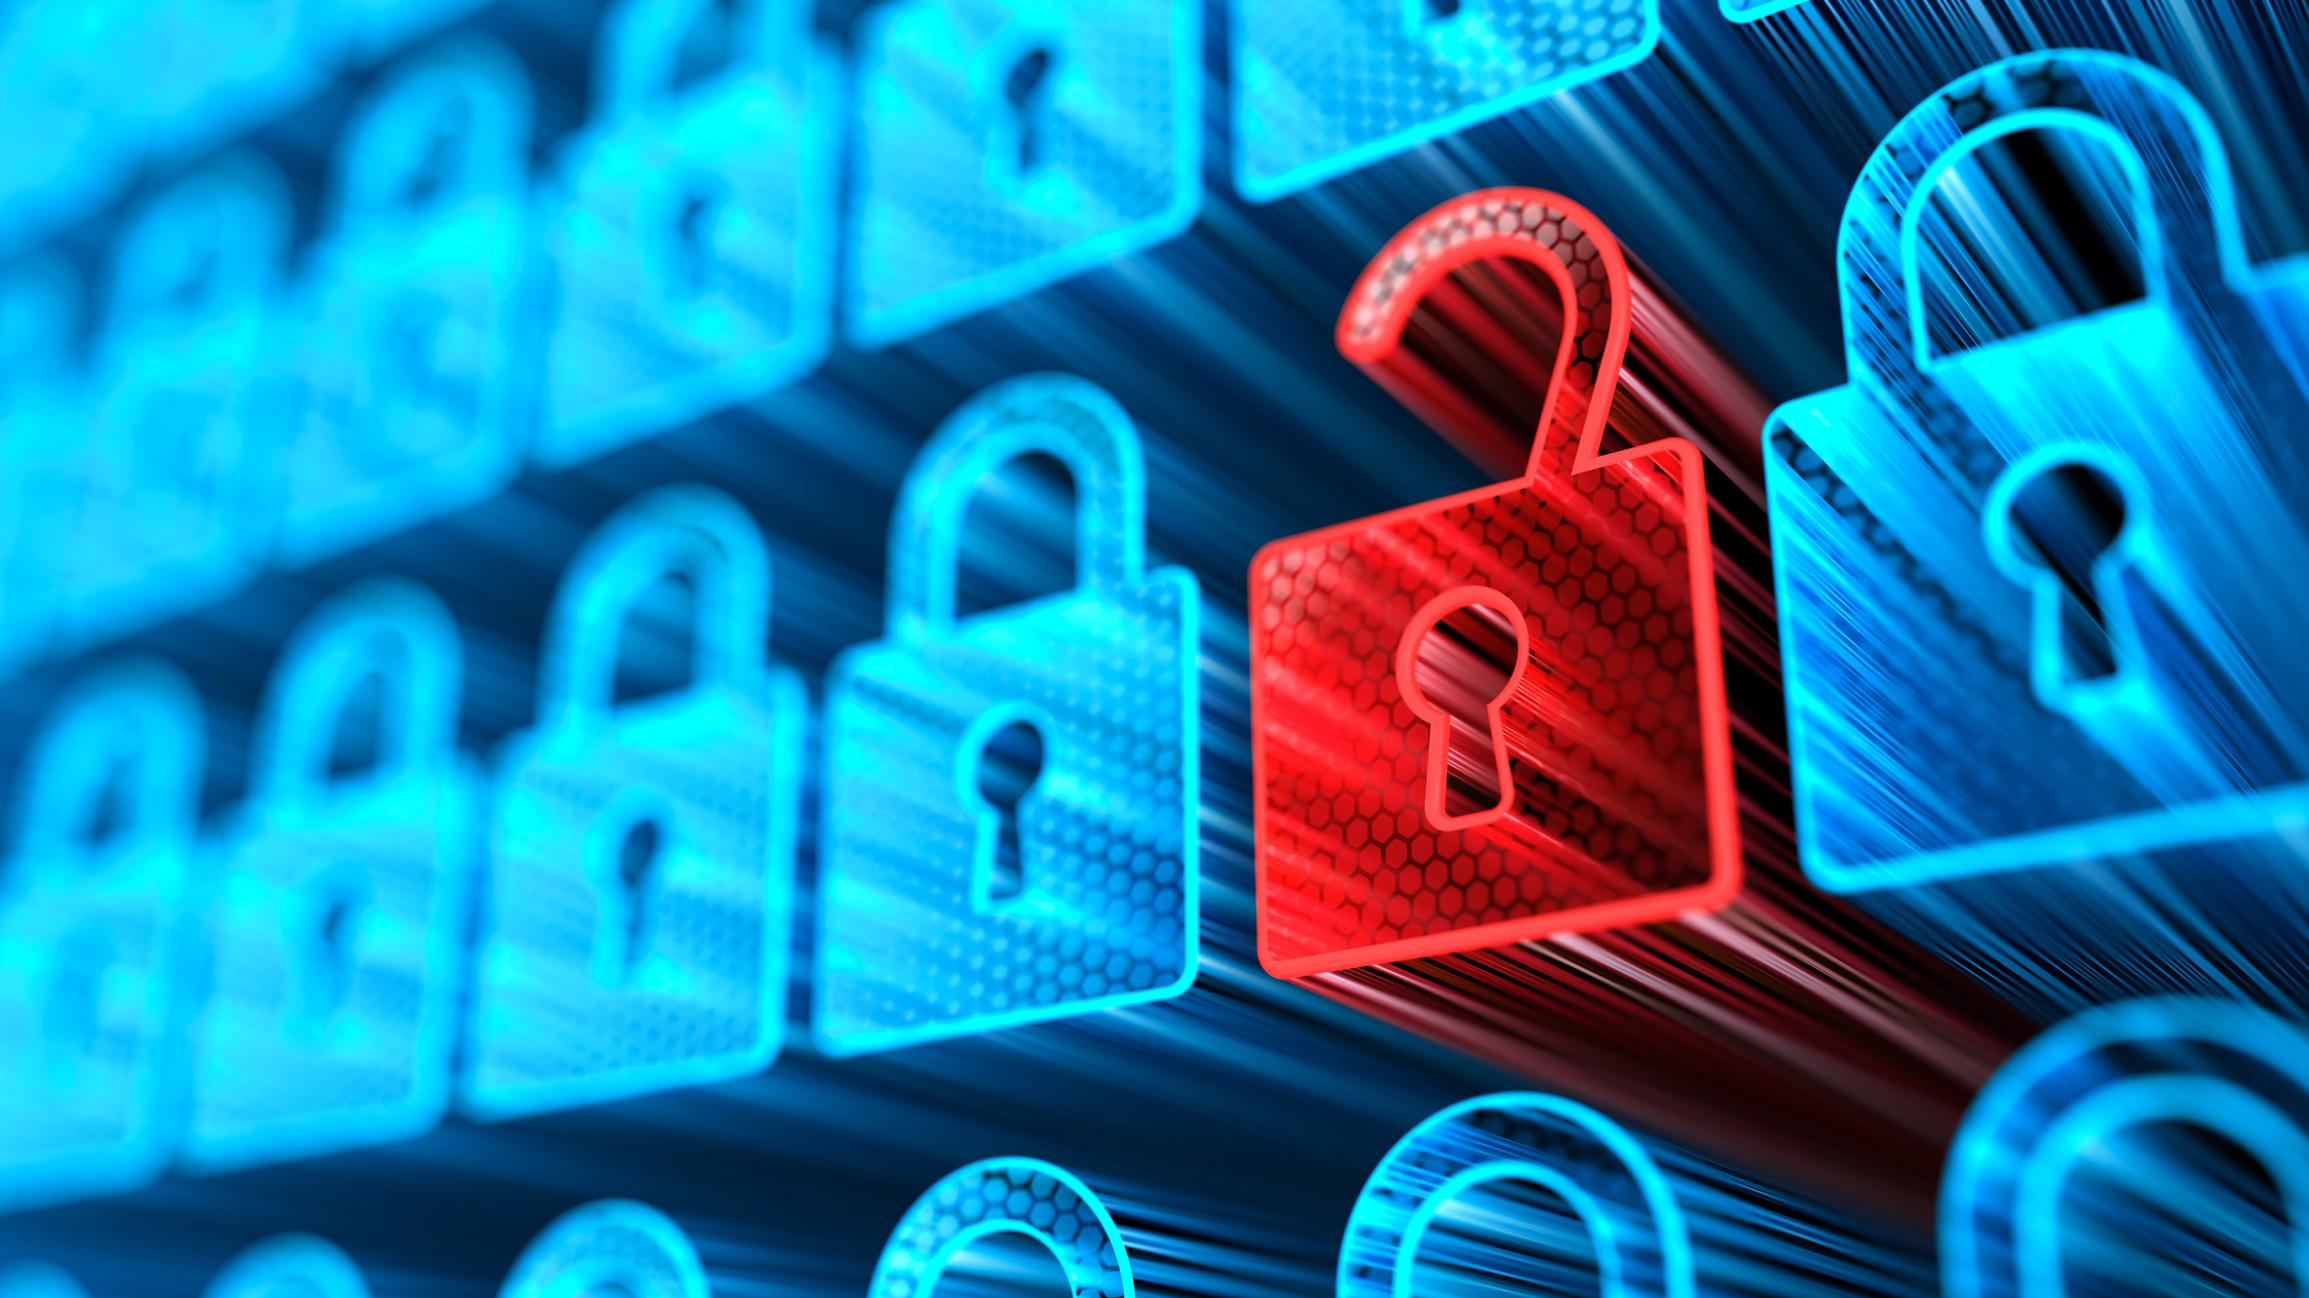 Cybercriminatliteit piekt als nooit tevoren